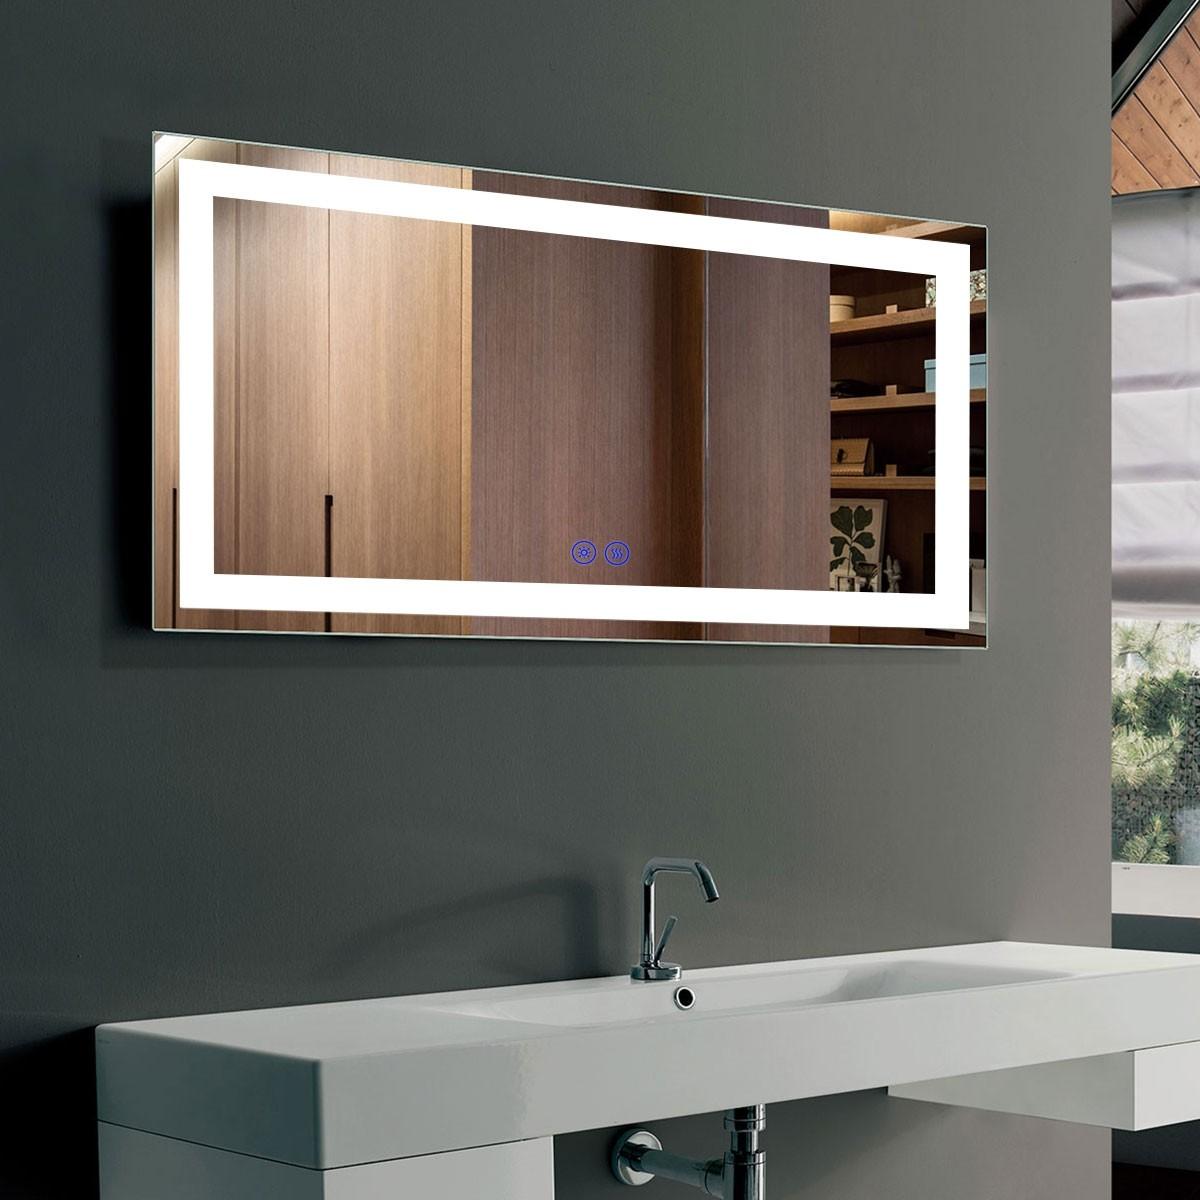 DECORAPORT 40 x 24 Po Miroir de Salle de Bain LED avec Bouton Tactile, Anti-Buée, Luminosité Réglable, Montage Vertical & Horizontal (D211-4024)